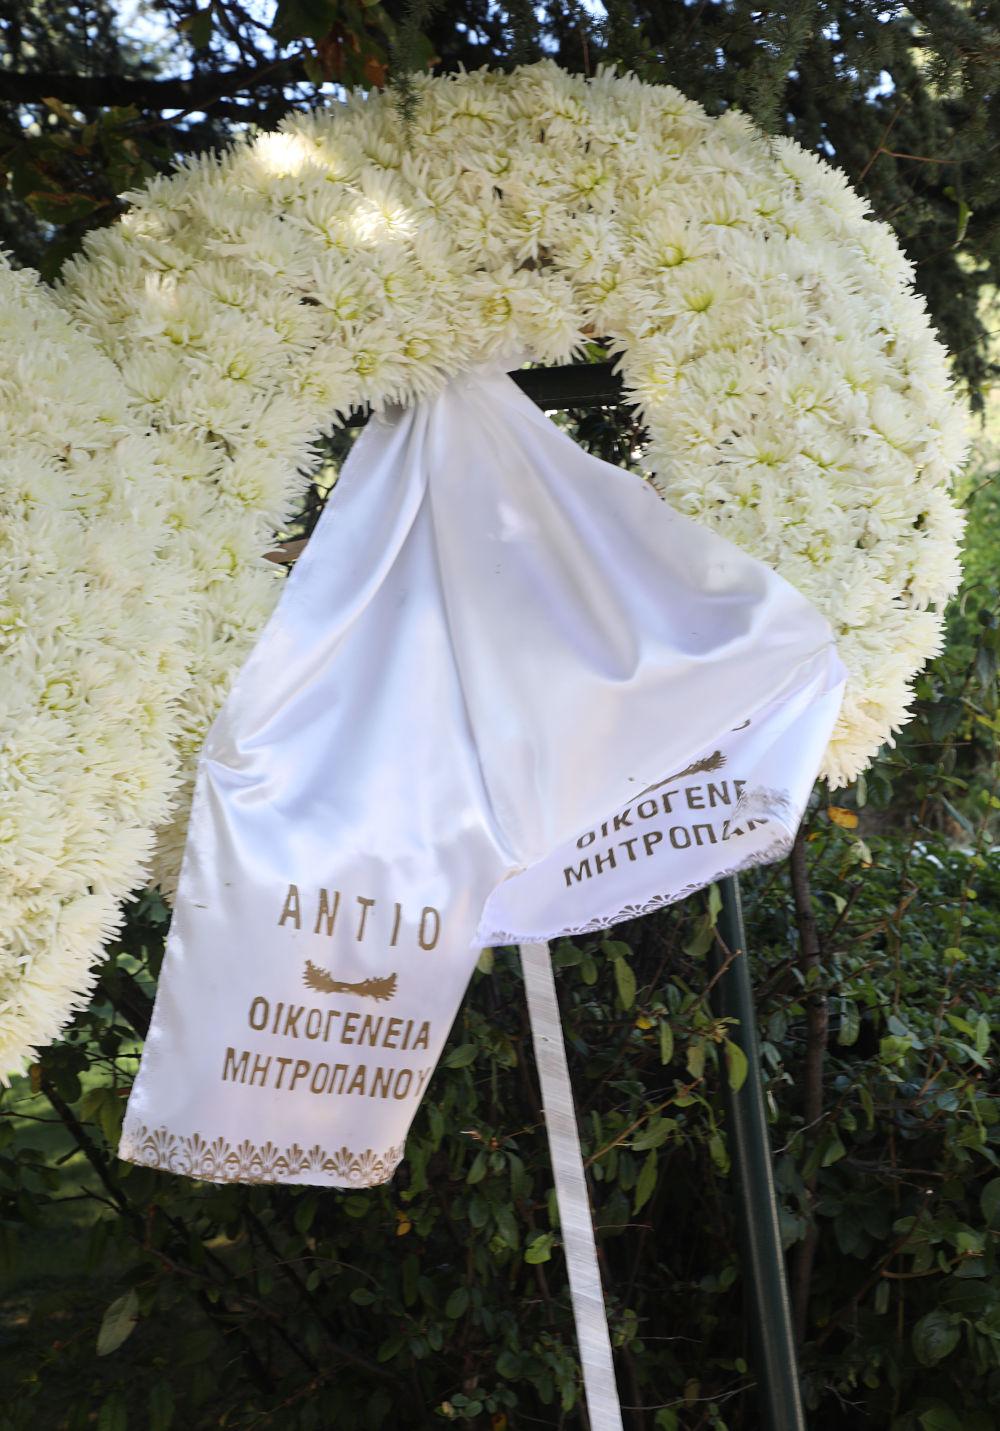 Ανάμεσα στα στεφάνια στην κηδεία του Γιάννη Πουλόπουλο και ένα από την οικογένεια Μητροπάνου